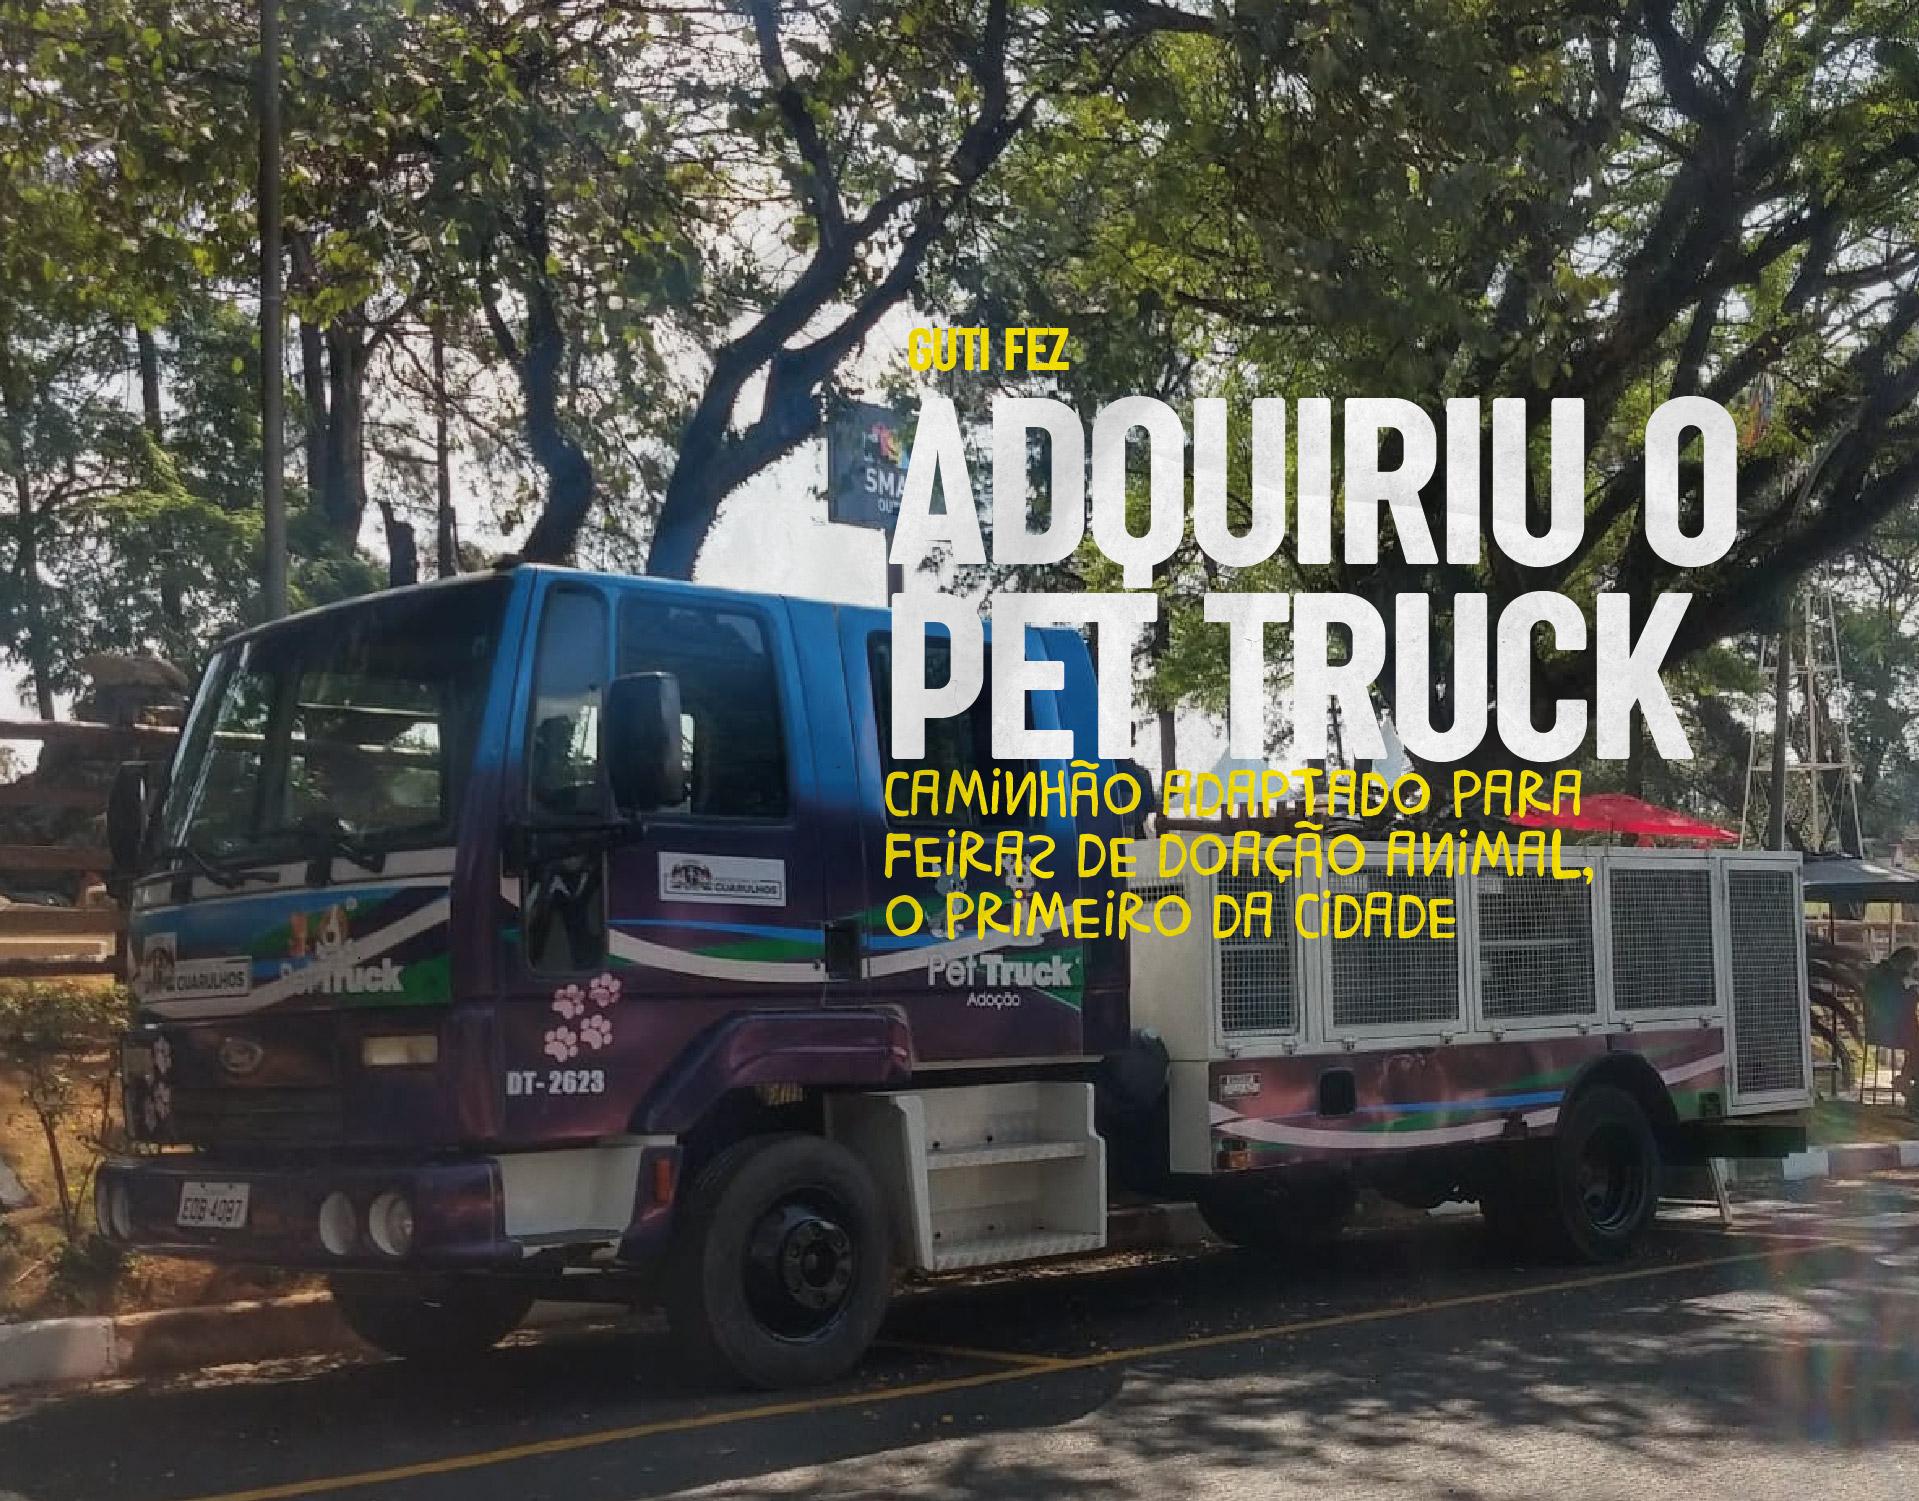 Adquiriu o Pet Truck - Caminhão adaptado para feiras de doação animal, o primeiro da cidade